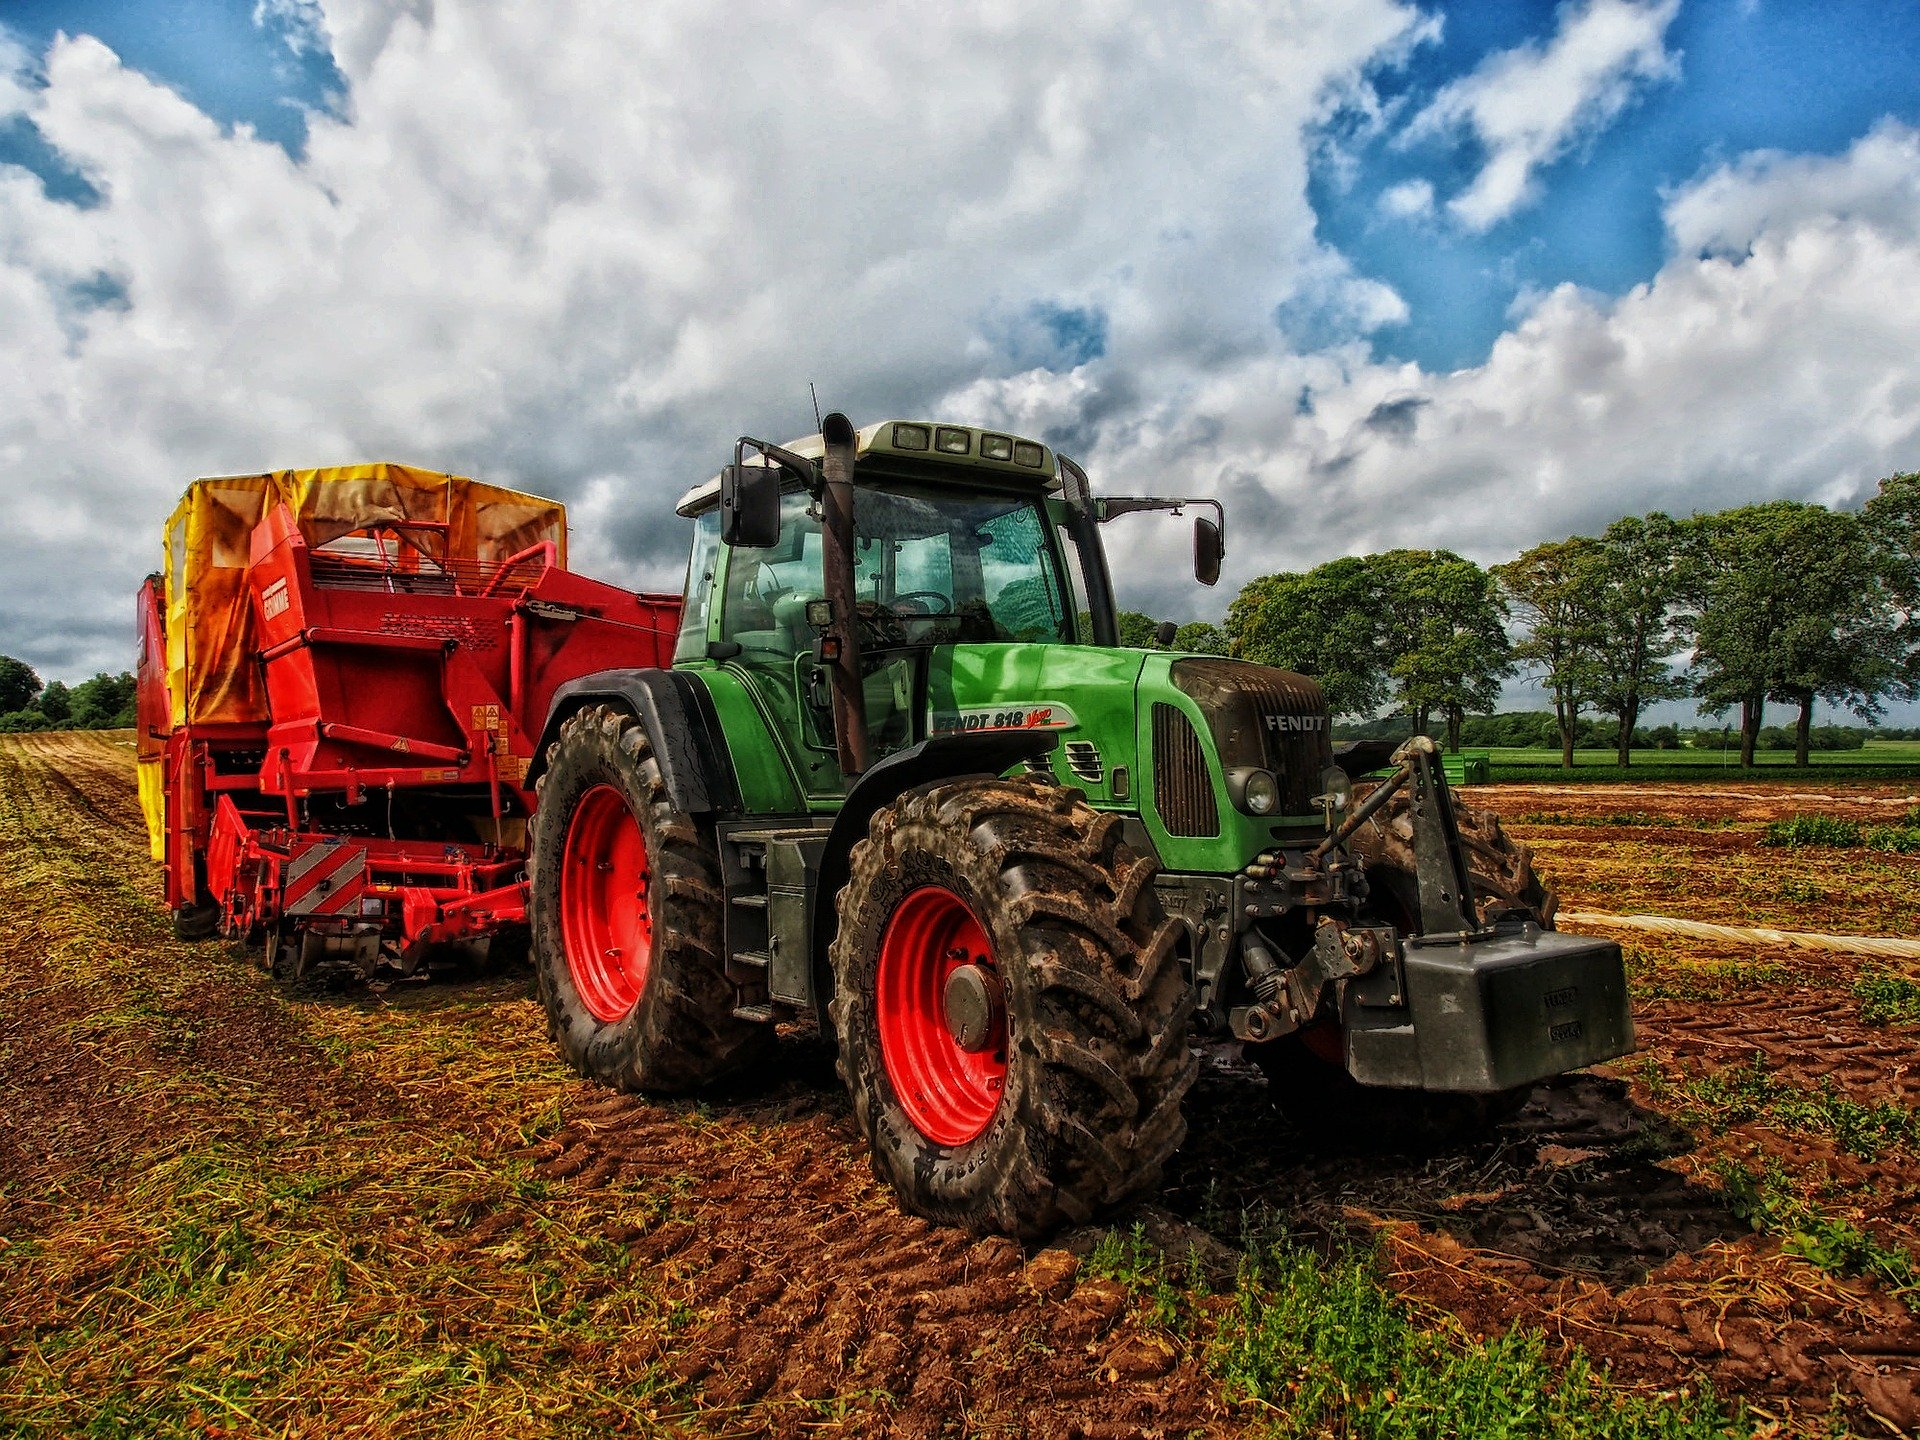 La CCIAA di Caserta concede contributi per l'acquisto di macchinari e attrezzature innovative